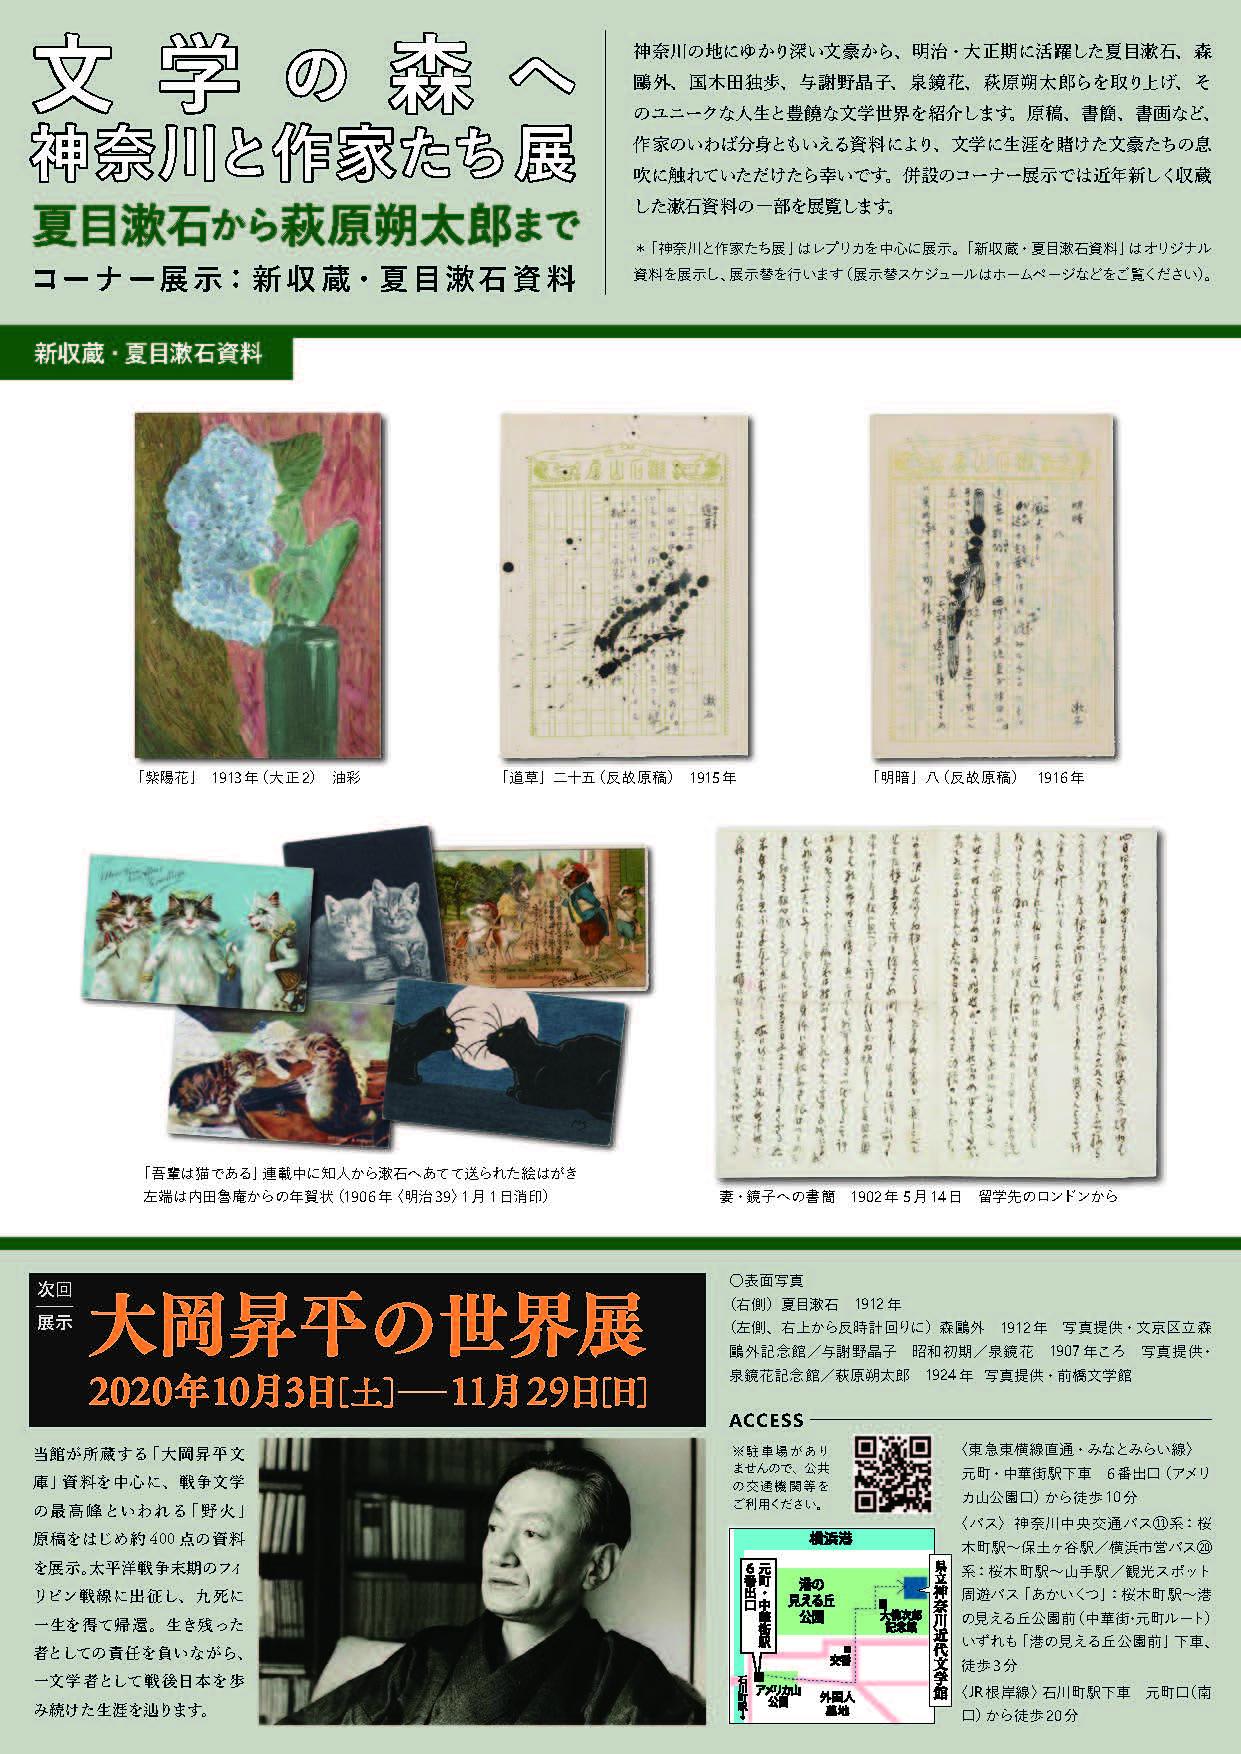 <6月13日より再開>神奈川近代文学館で「神奈川と作家たち展」新収蔵漱石資料公開!